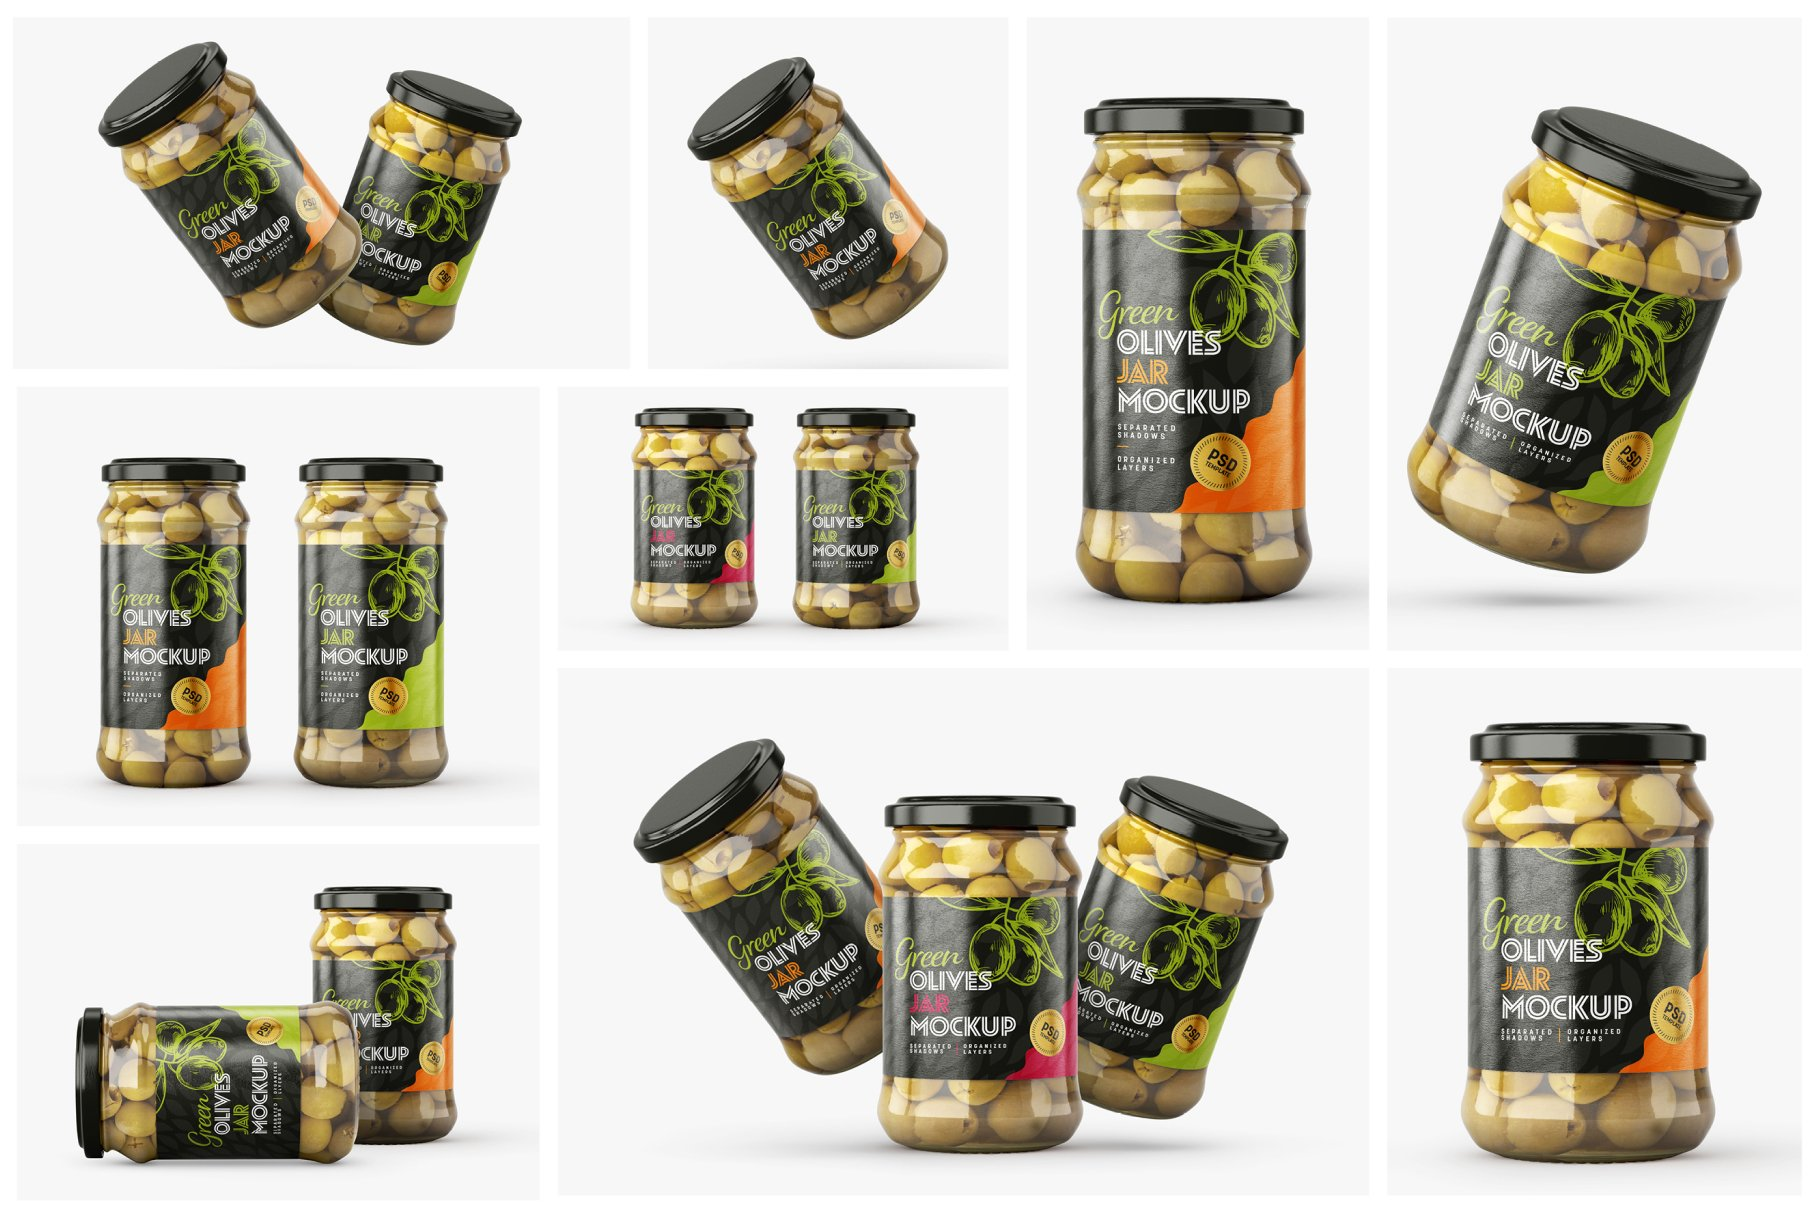 9款新潮华丽食品果酱罐头玻璃罐标签设计样机合集 Olives Jar Mockup Set插图1